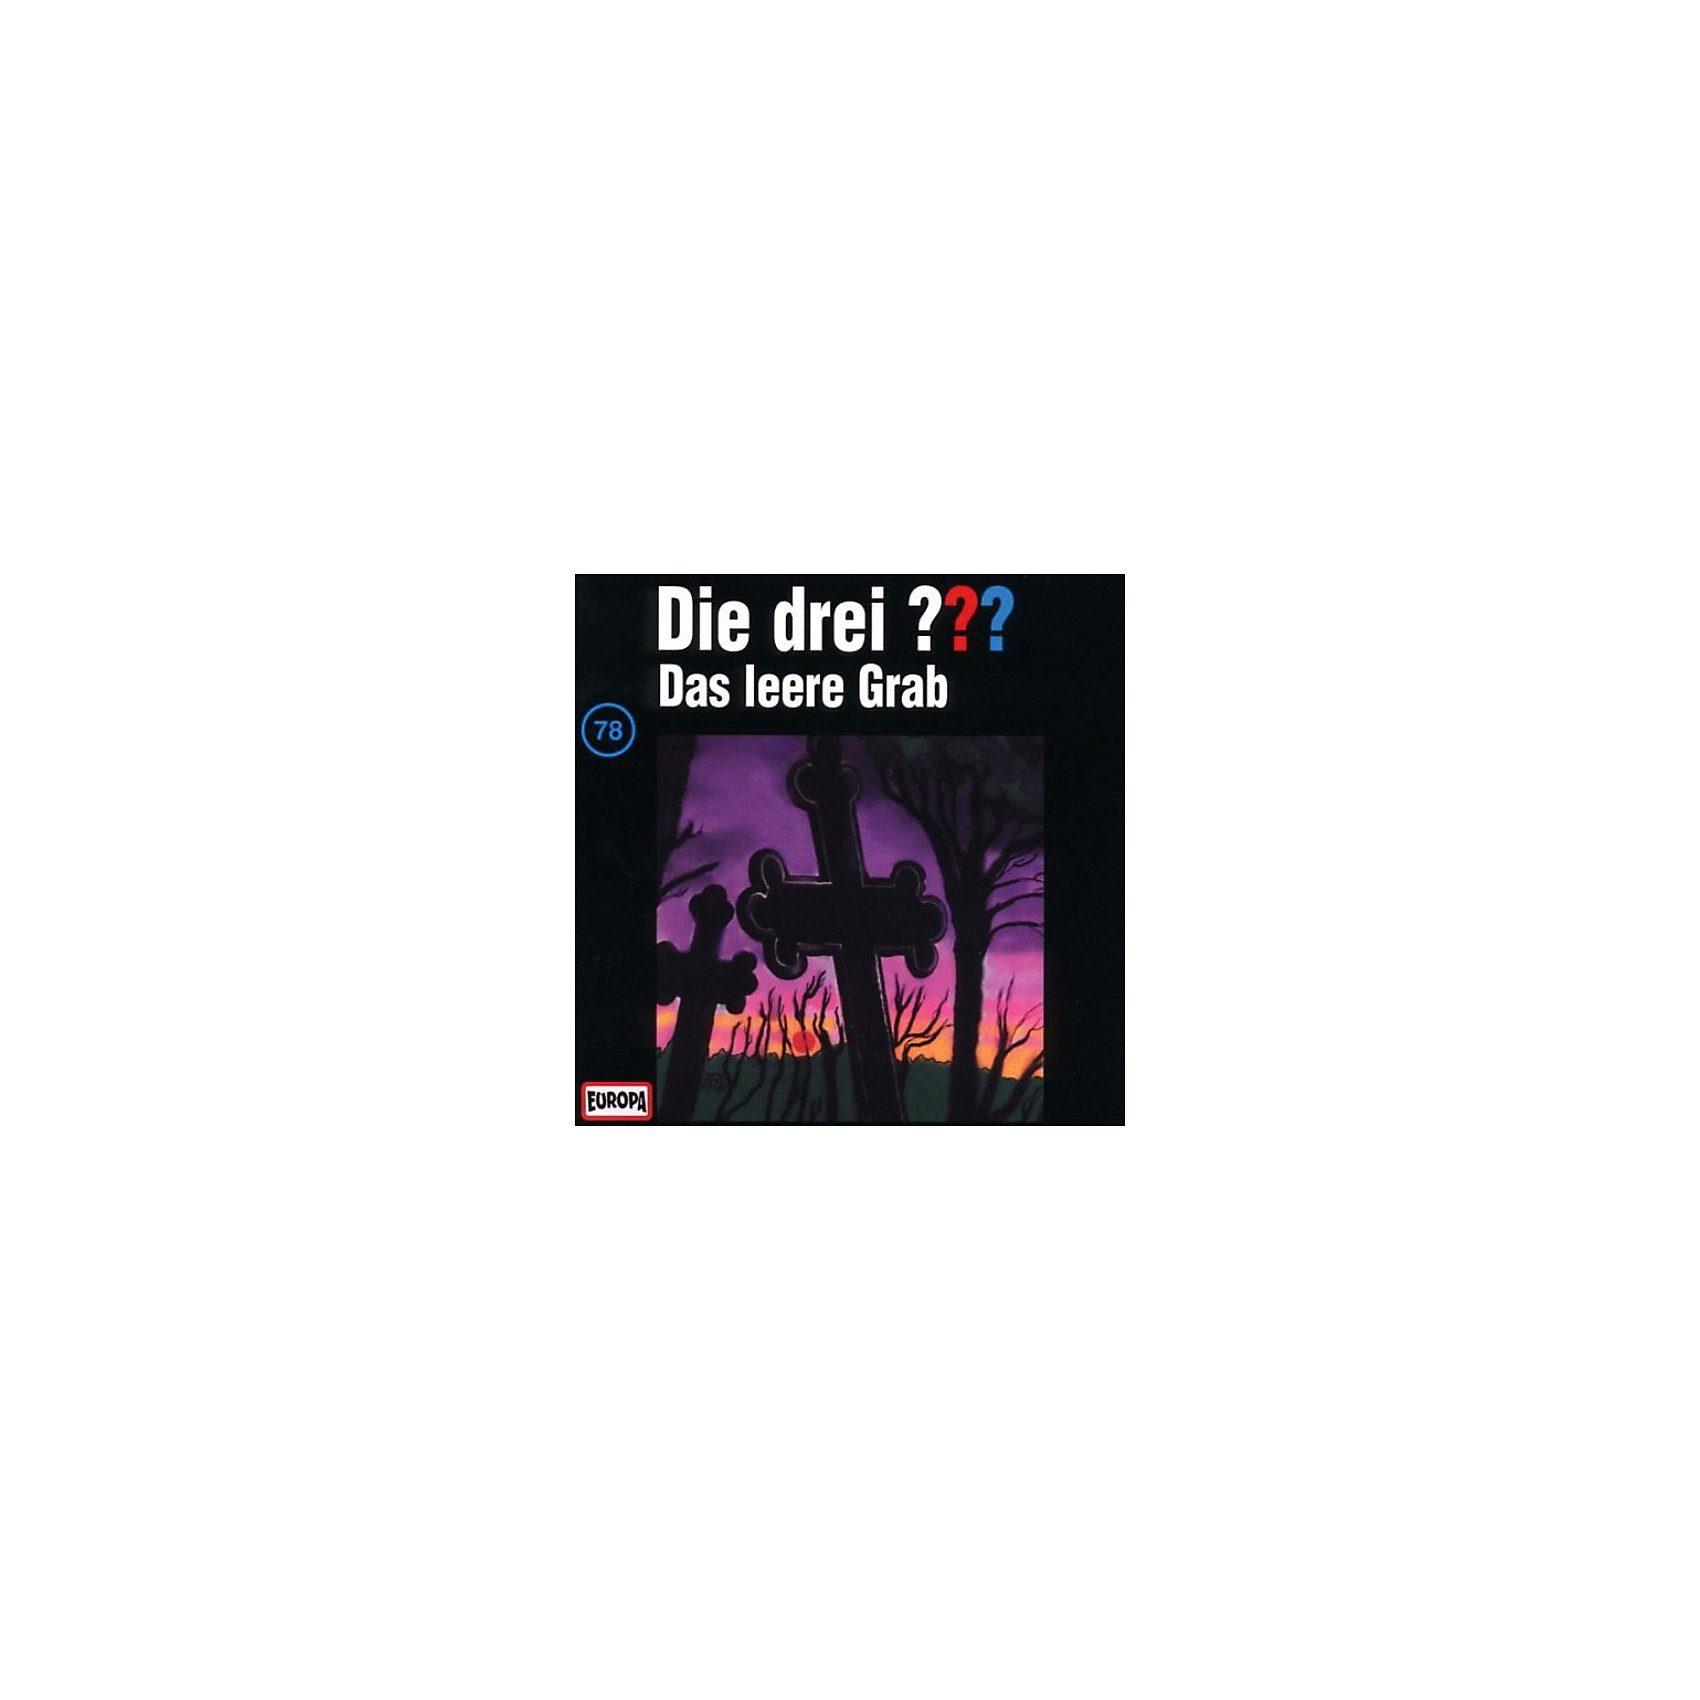 Sony CD Drei ??? 78